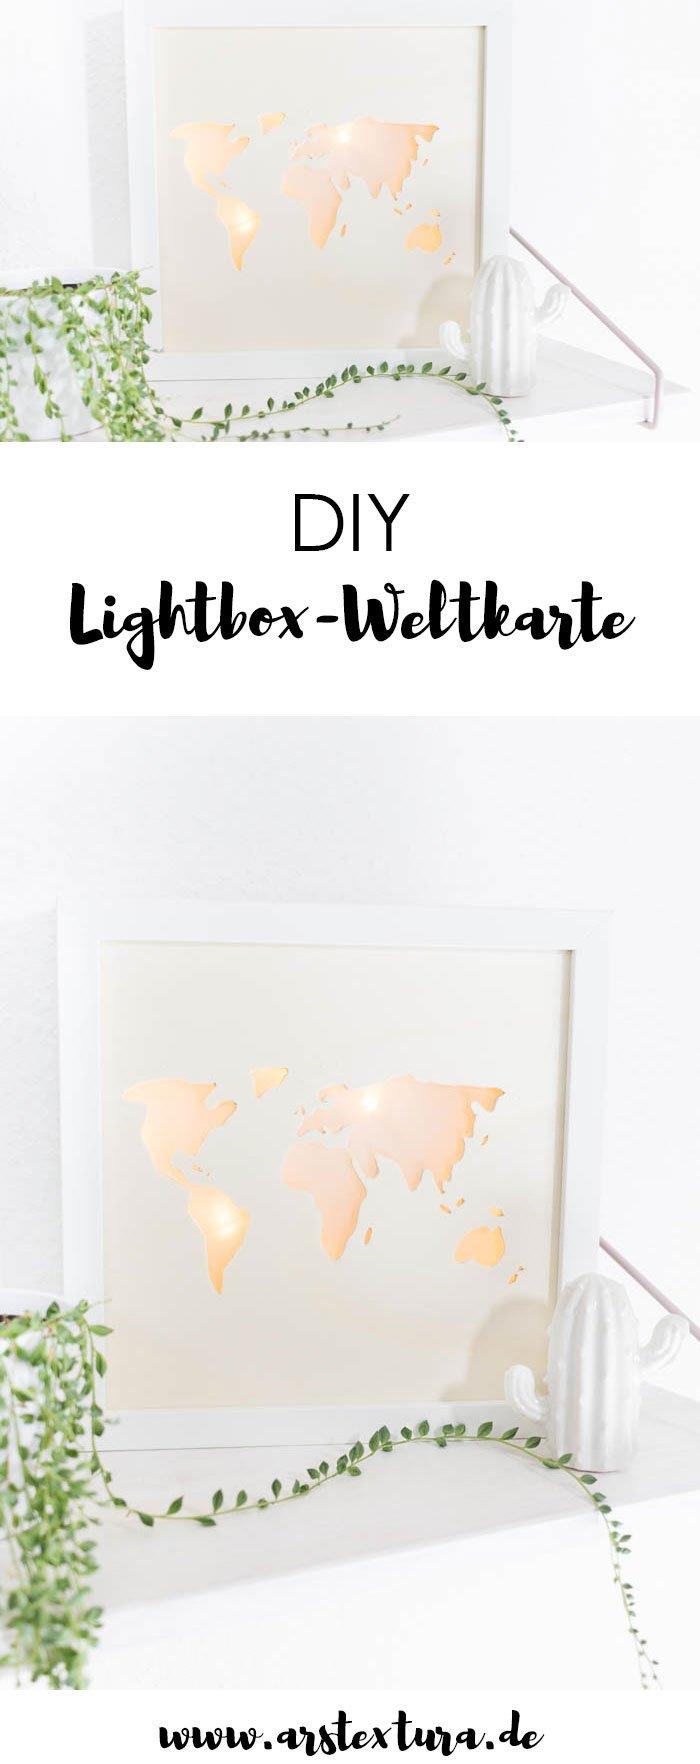 DIY Lightbox selber machen mit Weltkarte: ein tolles DIY Geschenk zur Hochzeit oder für alle Reise-Fans und Weltenbummler | ars textura - DIY Blog